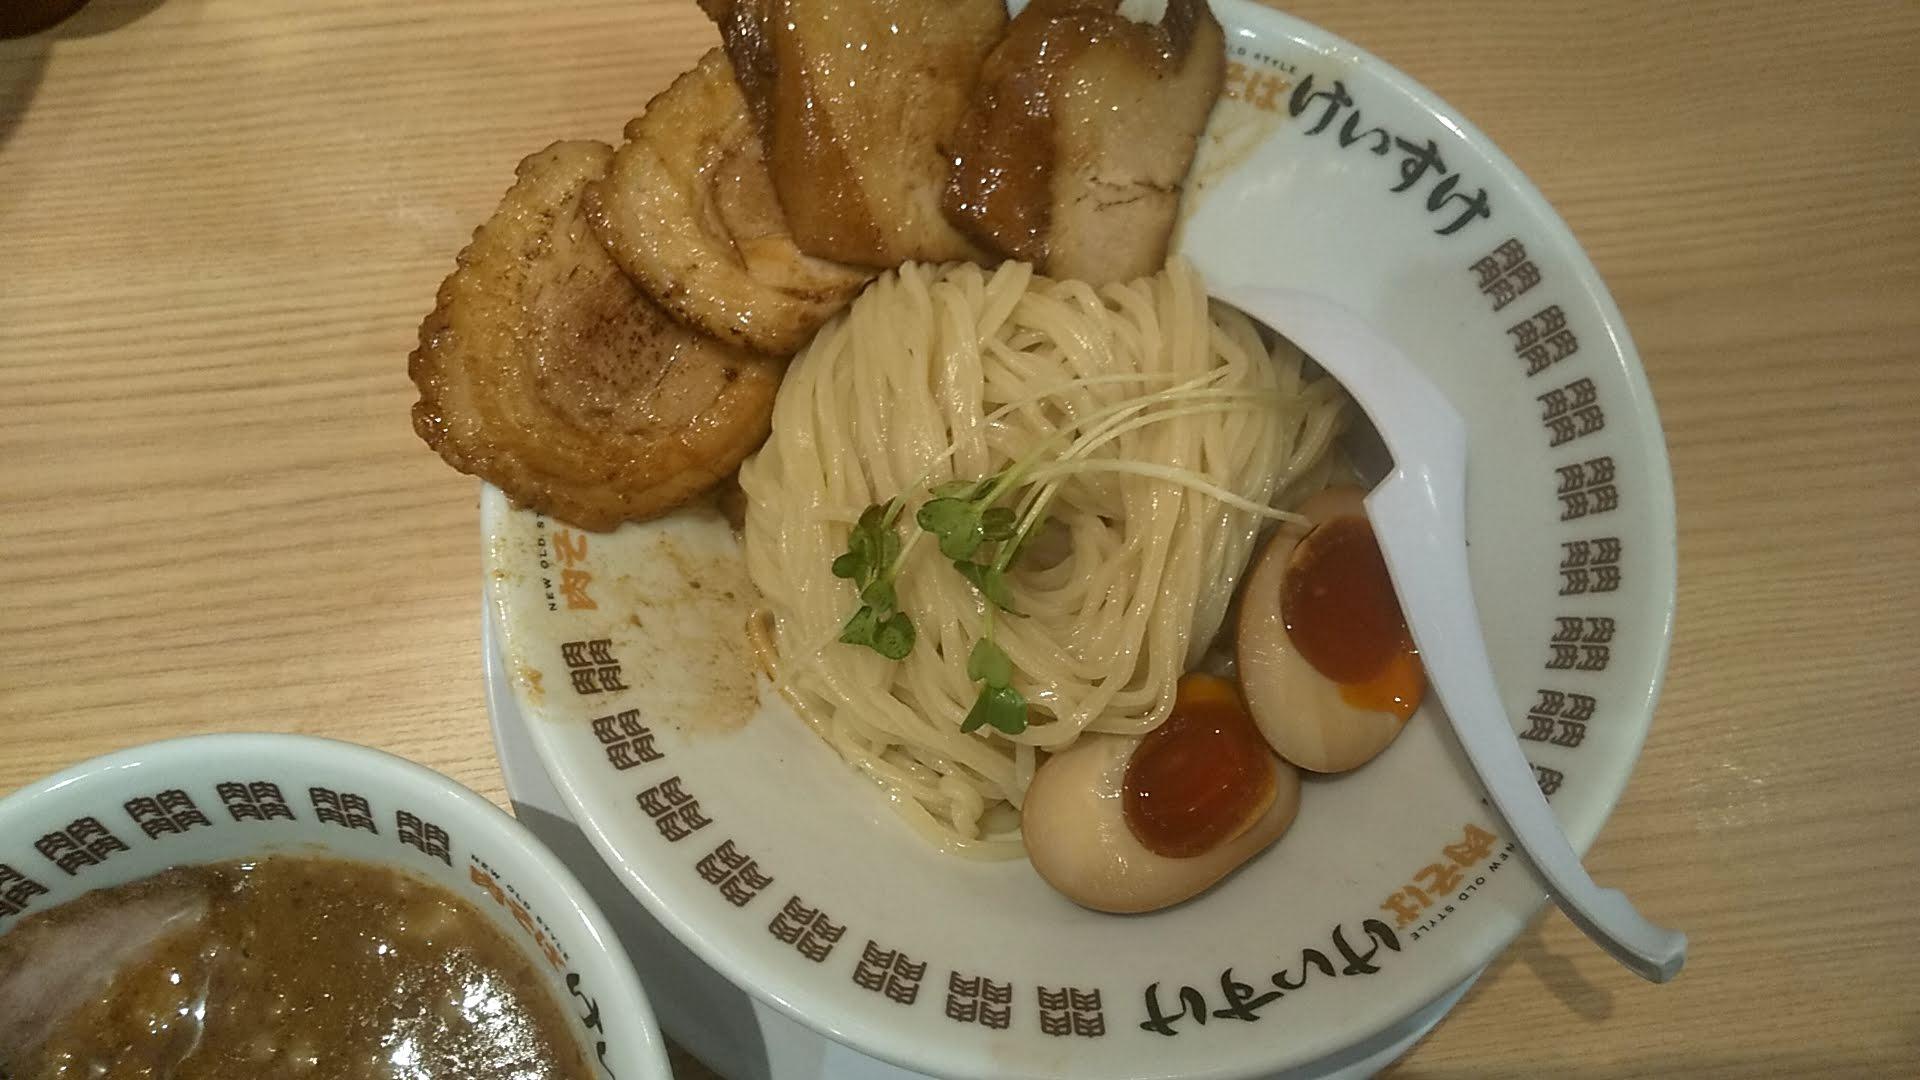 肉そばけいすけ錦糸町店の濃厚魚介つけ麺スペシャルの麺皿